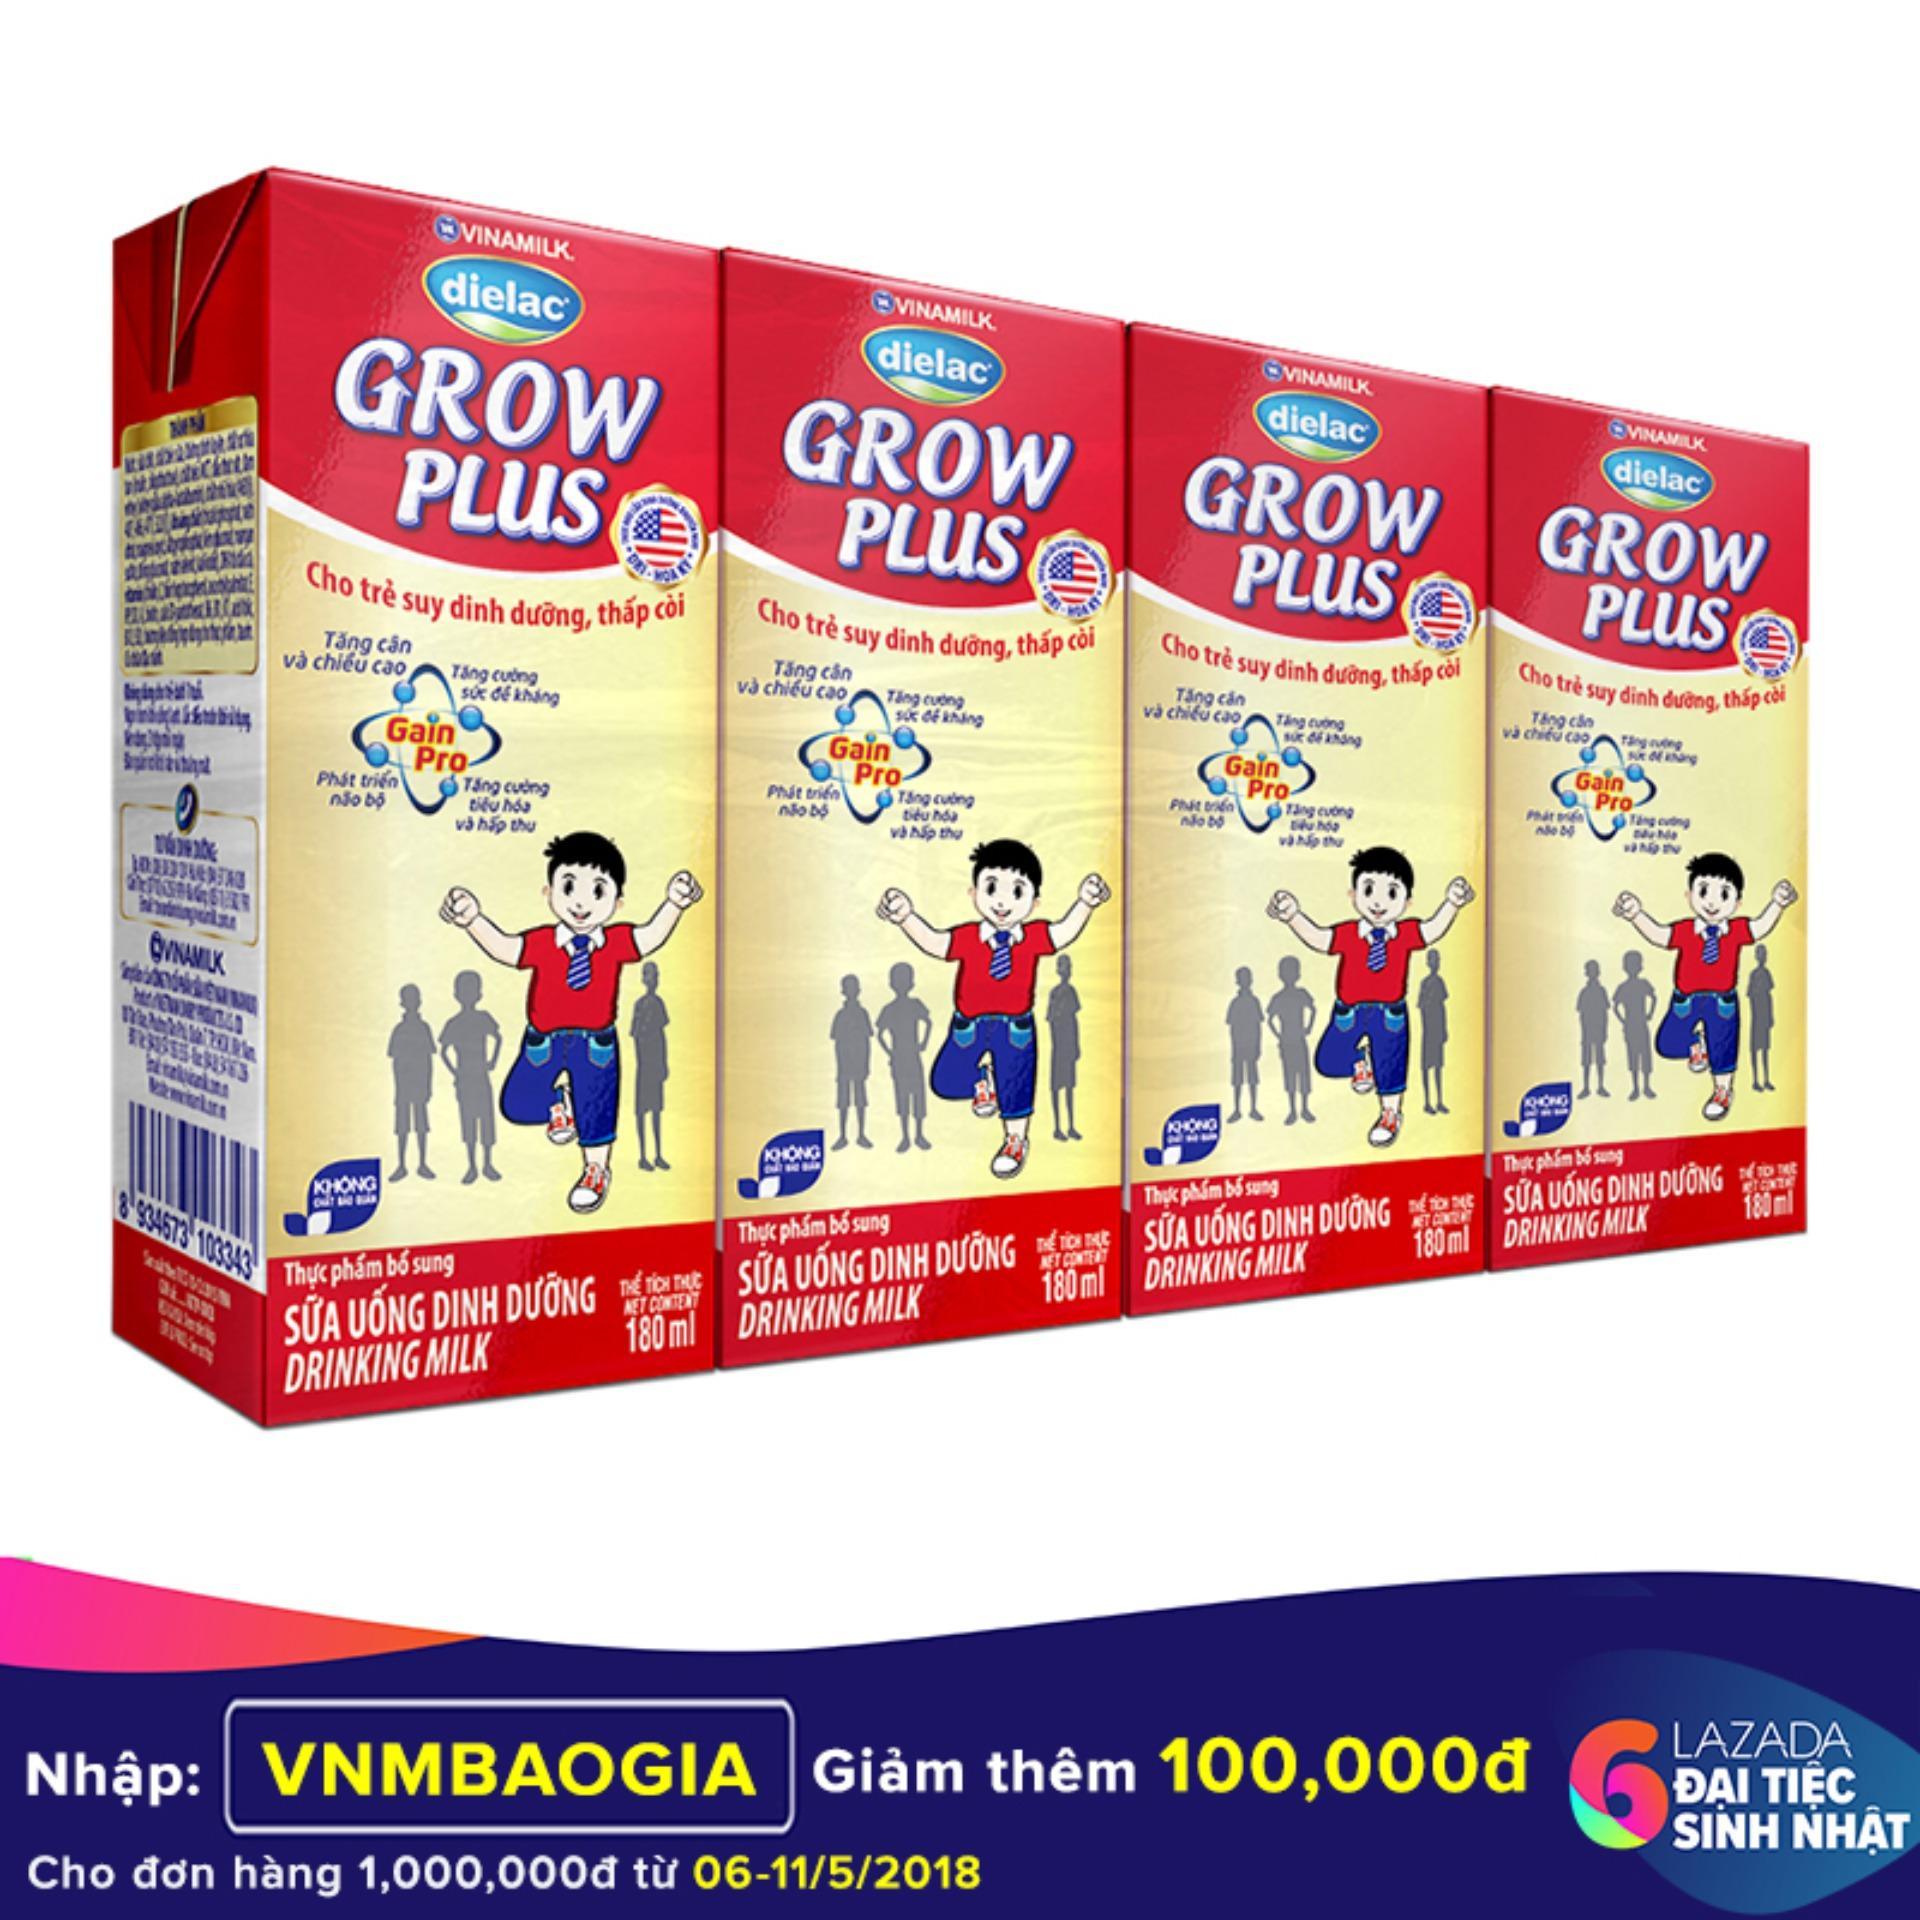 Giá Bán Thung 48 Hộp Sữa Bột Pha Sẵn Vinamilk Dielac Grow Plus 180Ml Có Thương Hiệu